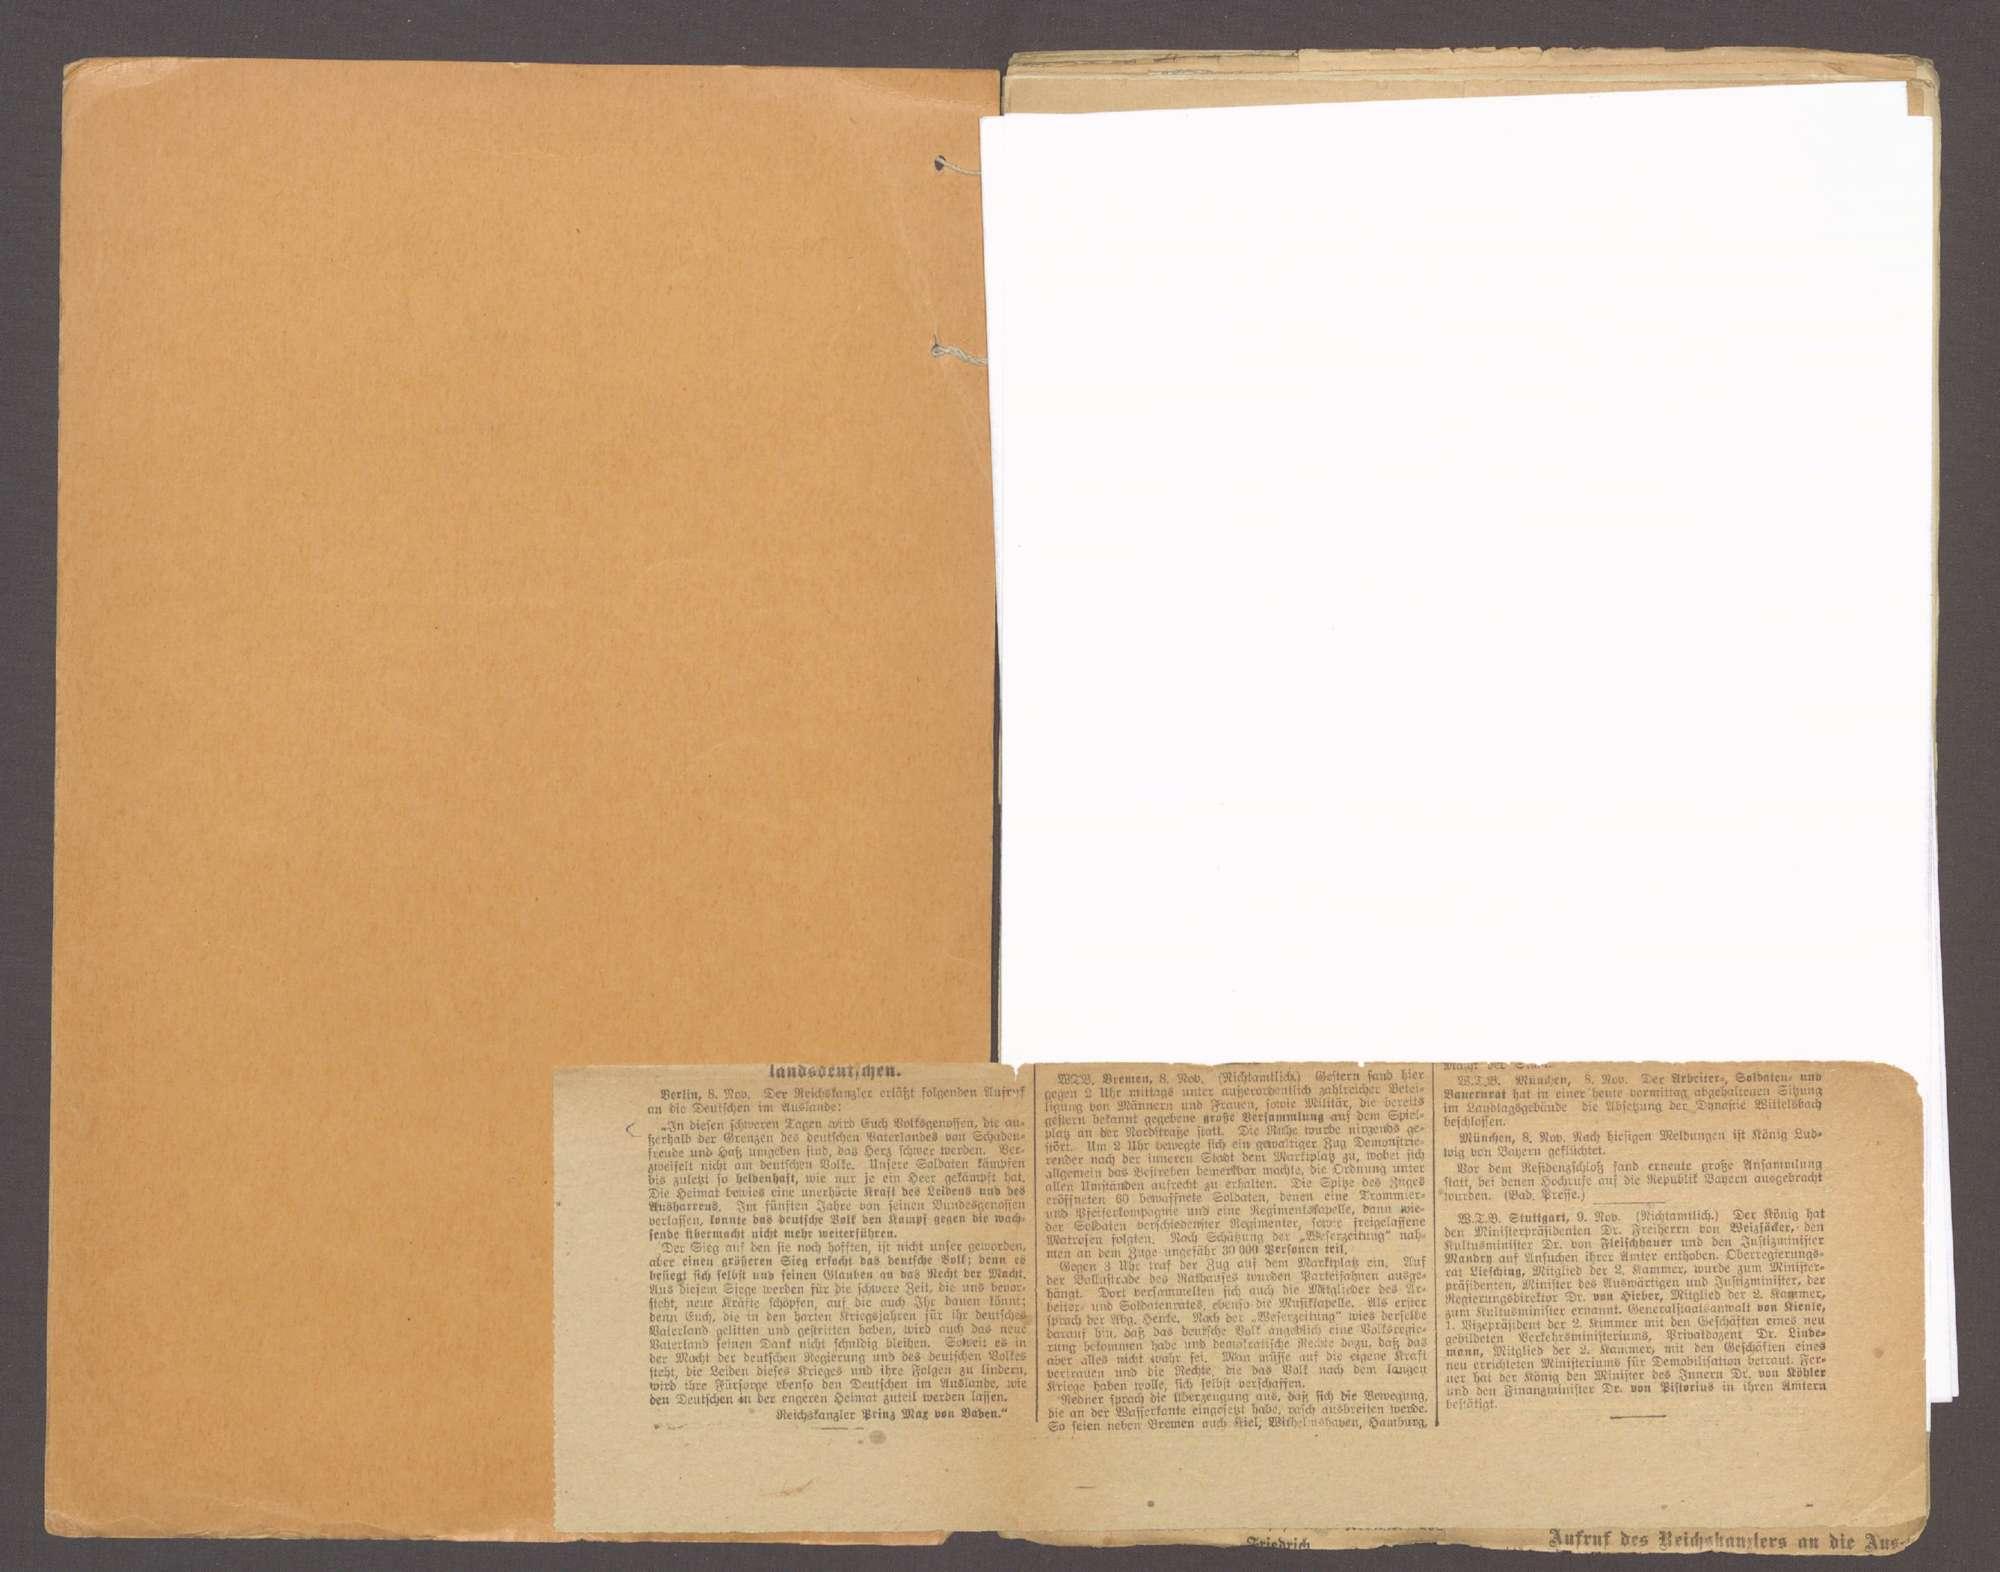 Der außerordentliche Landtag von 1918, der Umsturz in Baden und die verfassungsgebende Nationalversammlung, Bild 3